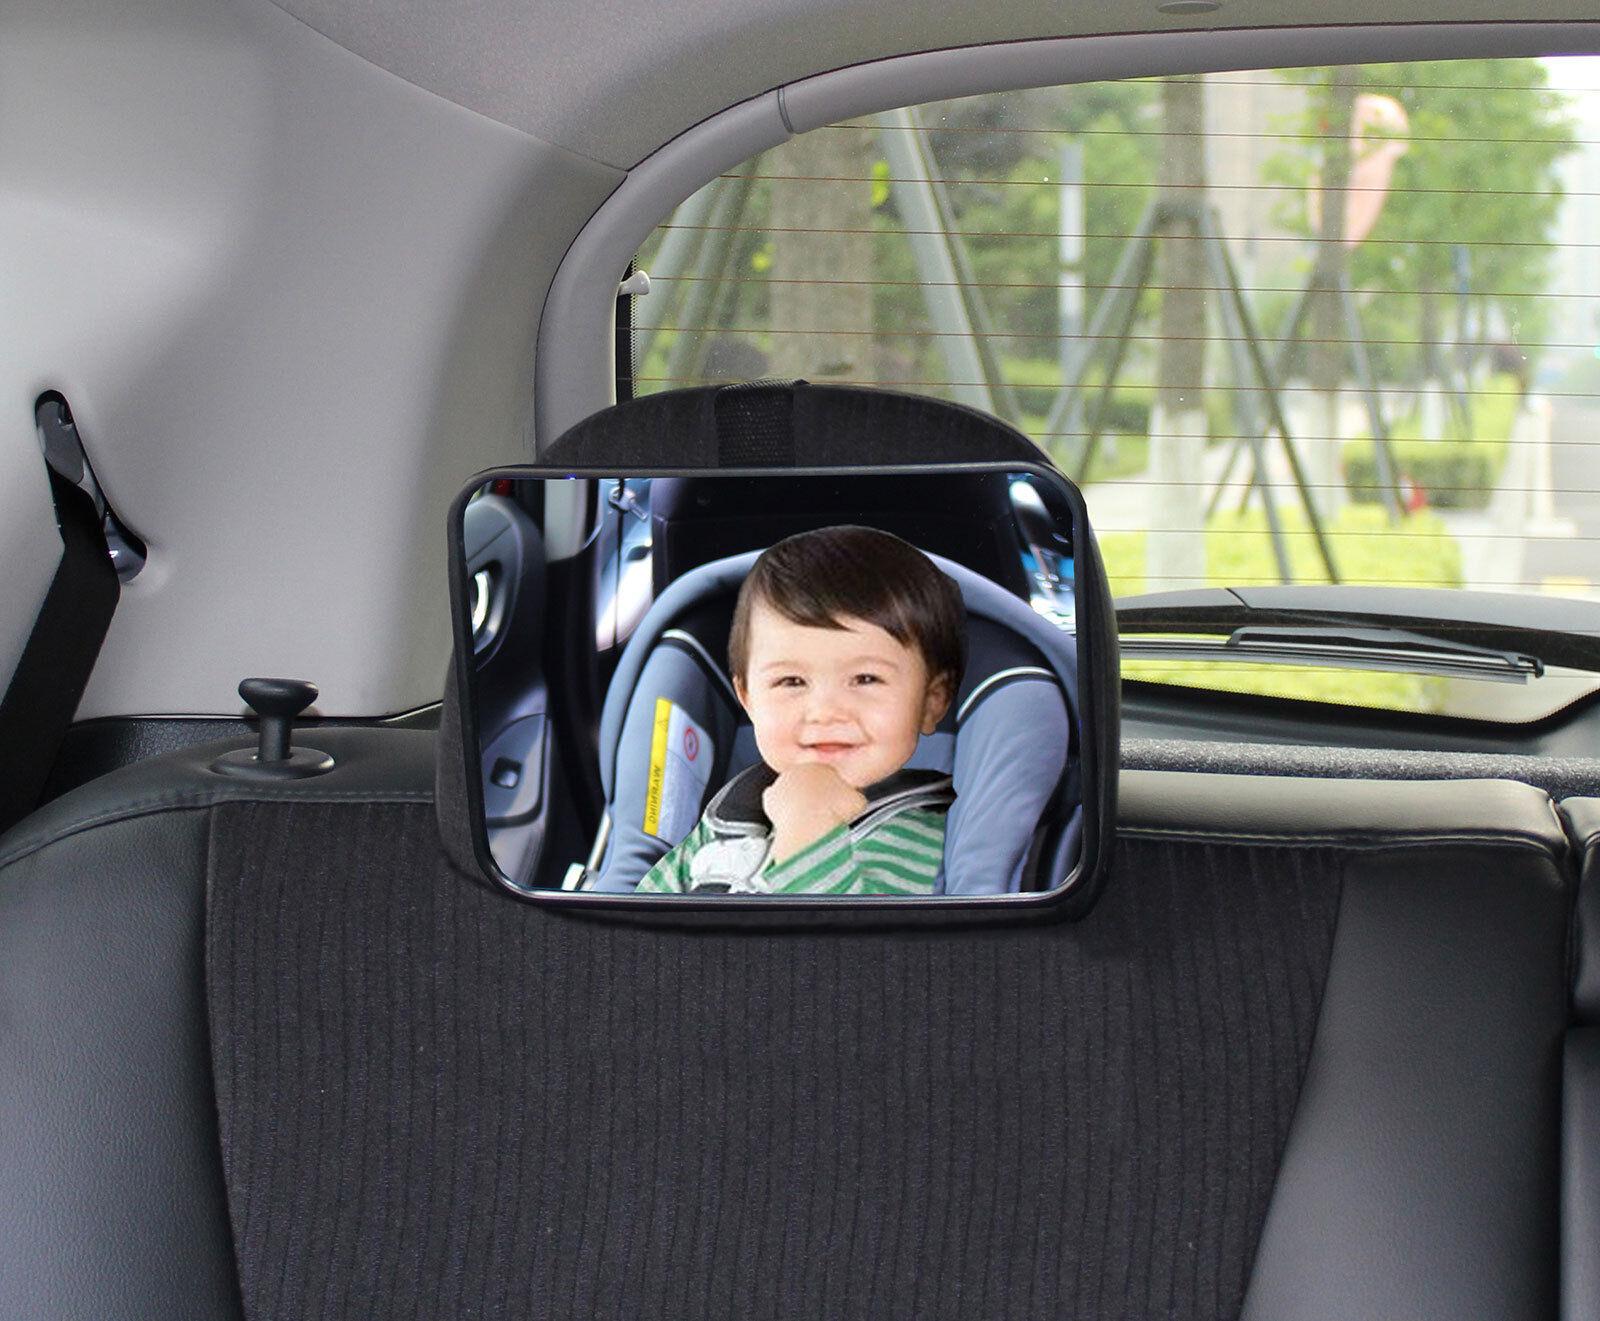 Spiegel Auto Baby : Spiegel für auto baby test vergleich spiegel für auto baby